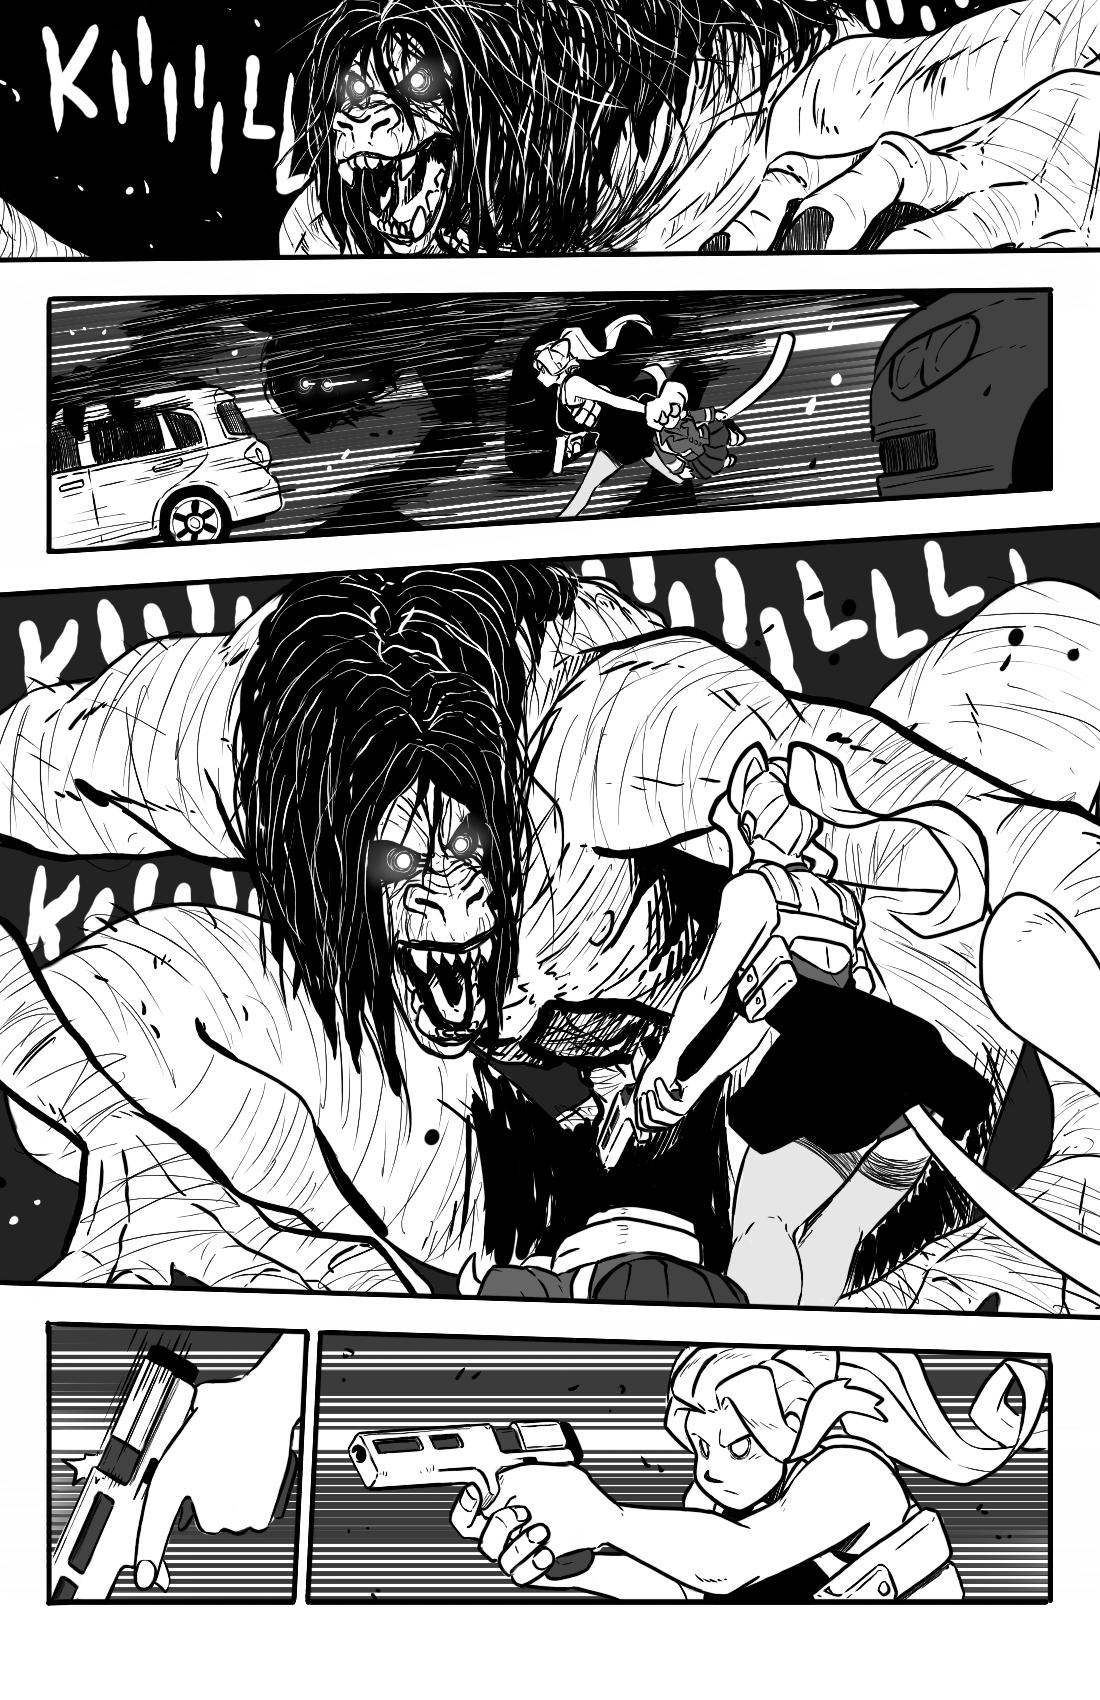 Bad Moon Rising Part 2 pg.7